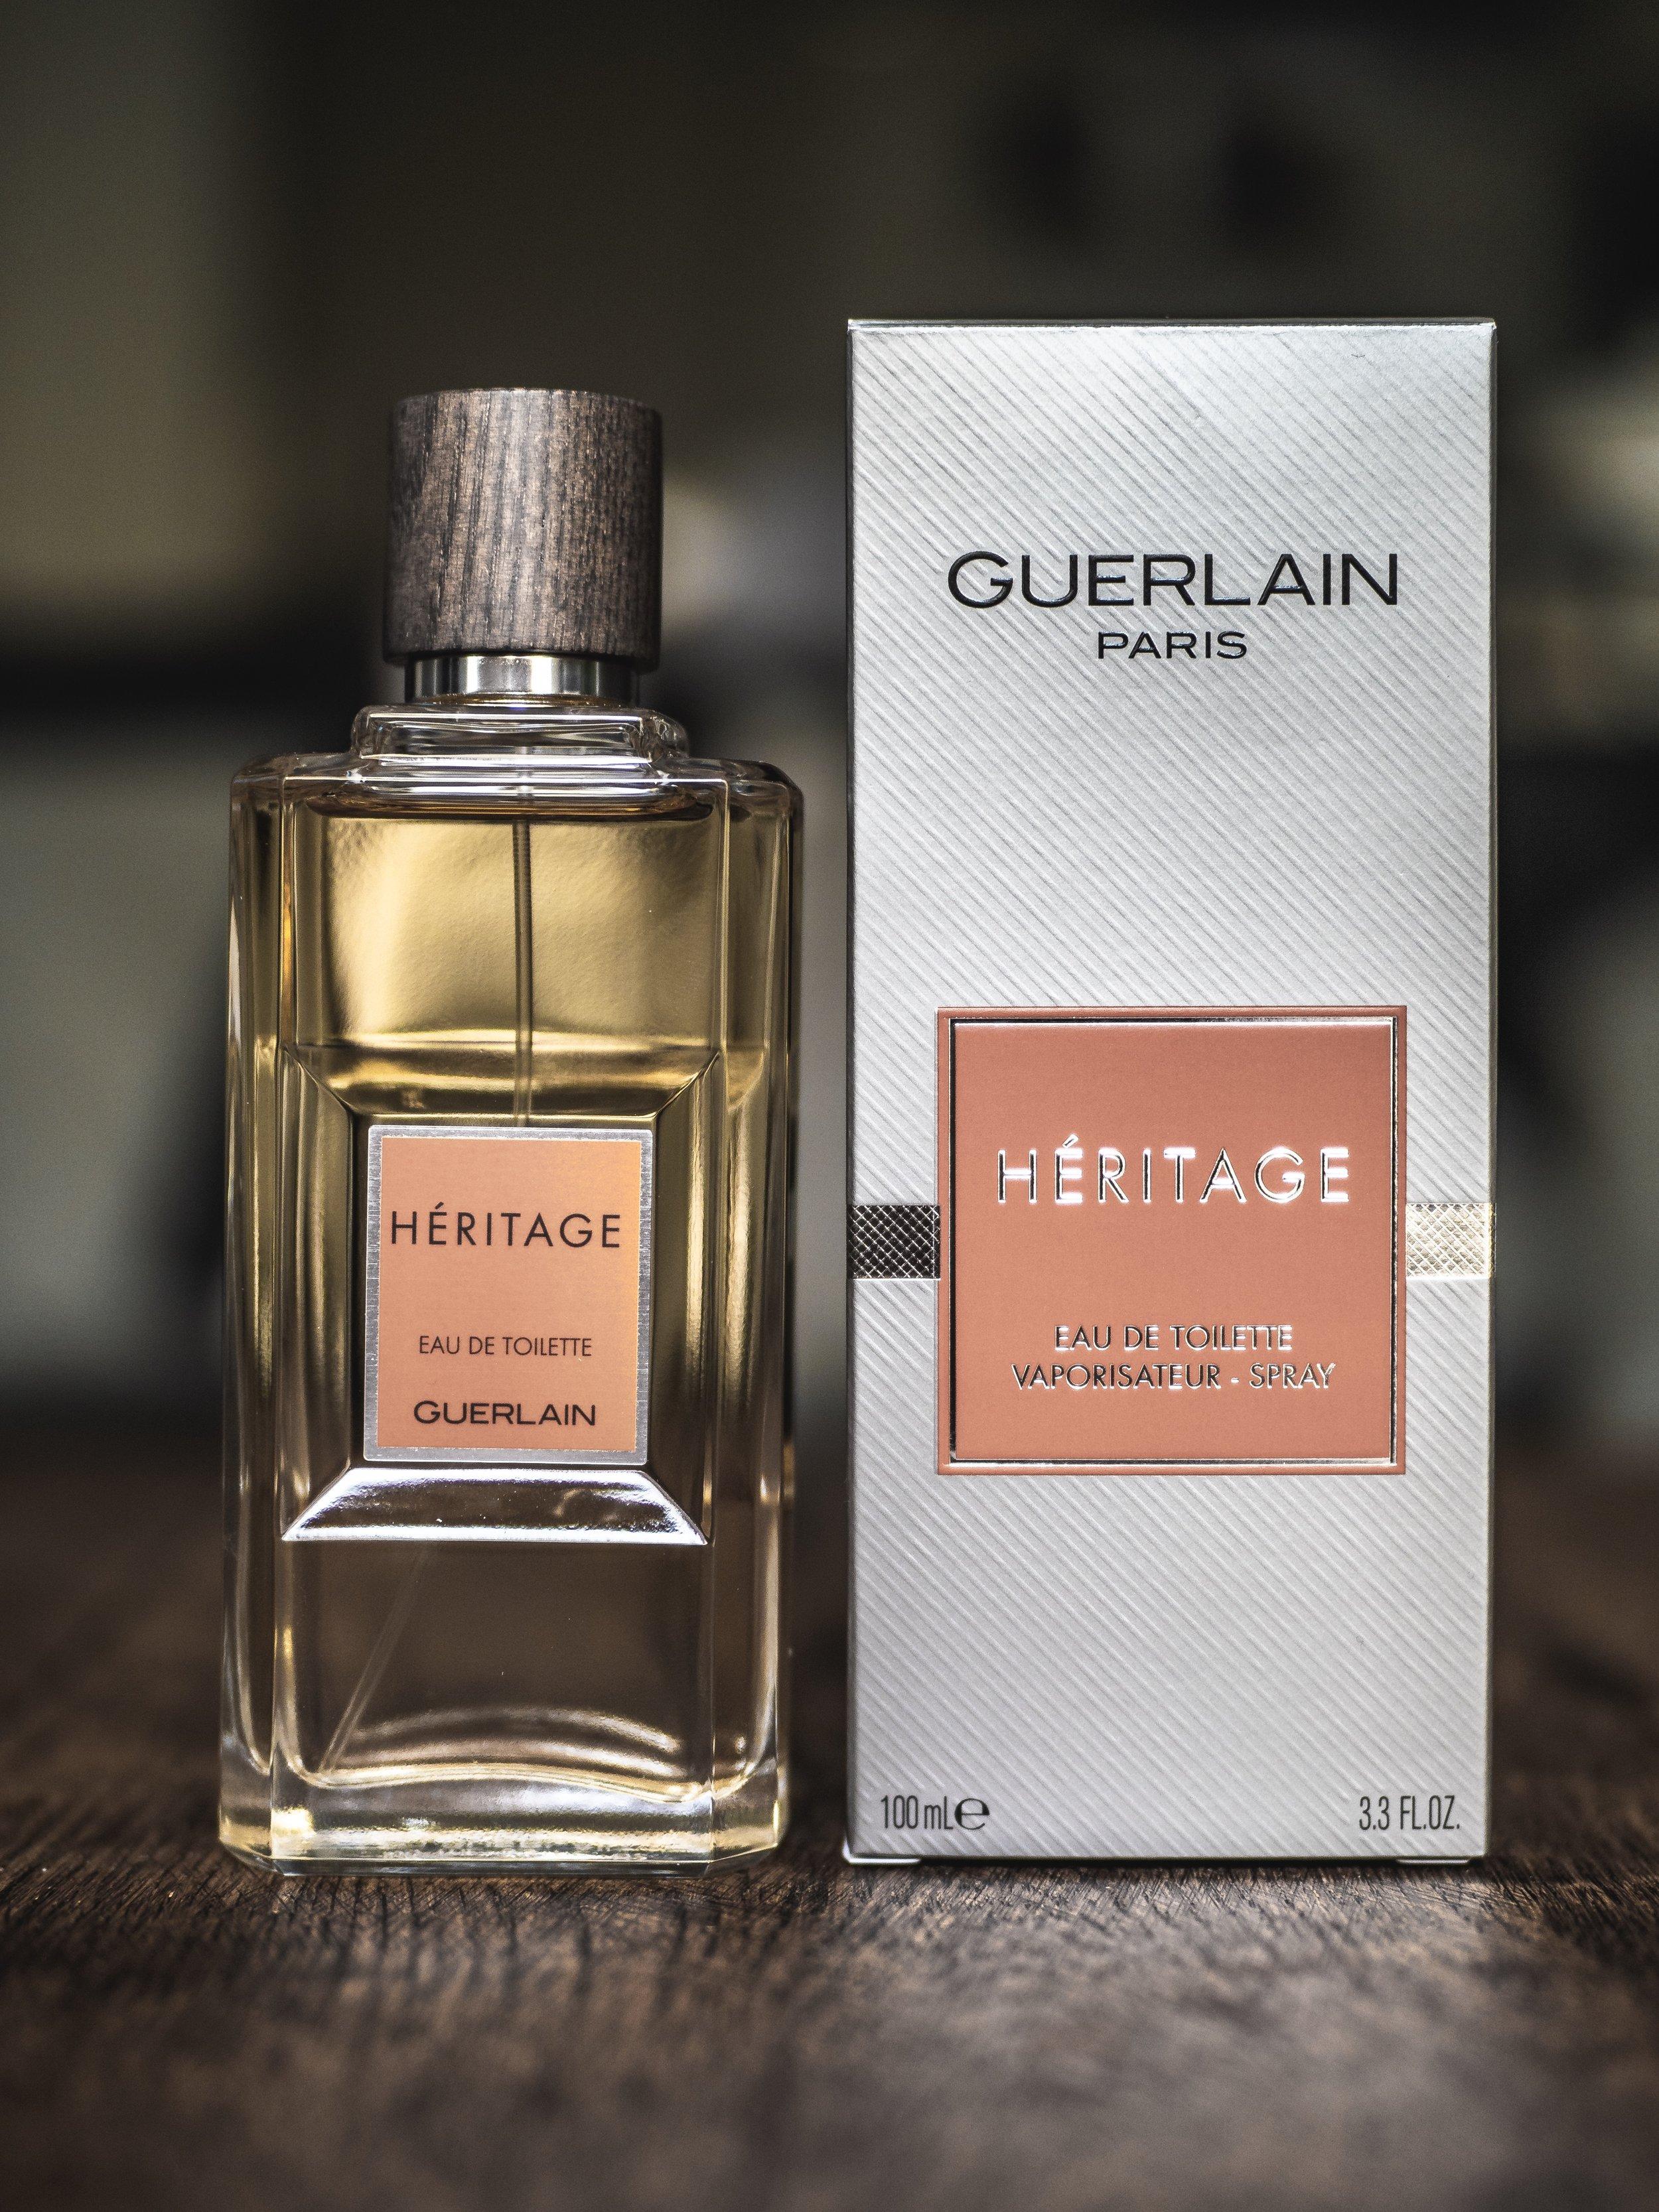 Guerlain Héritage Review